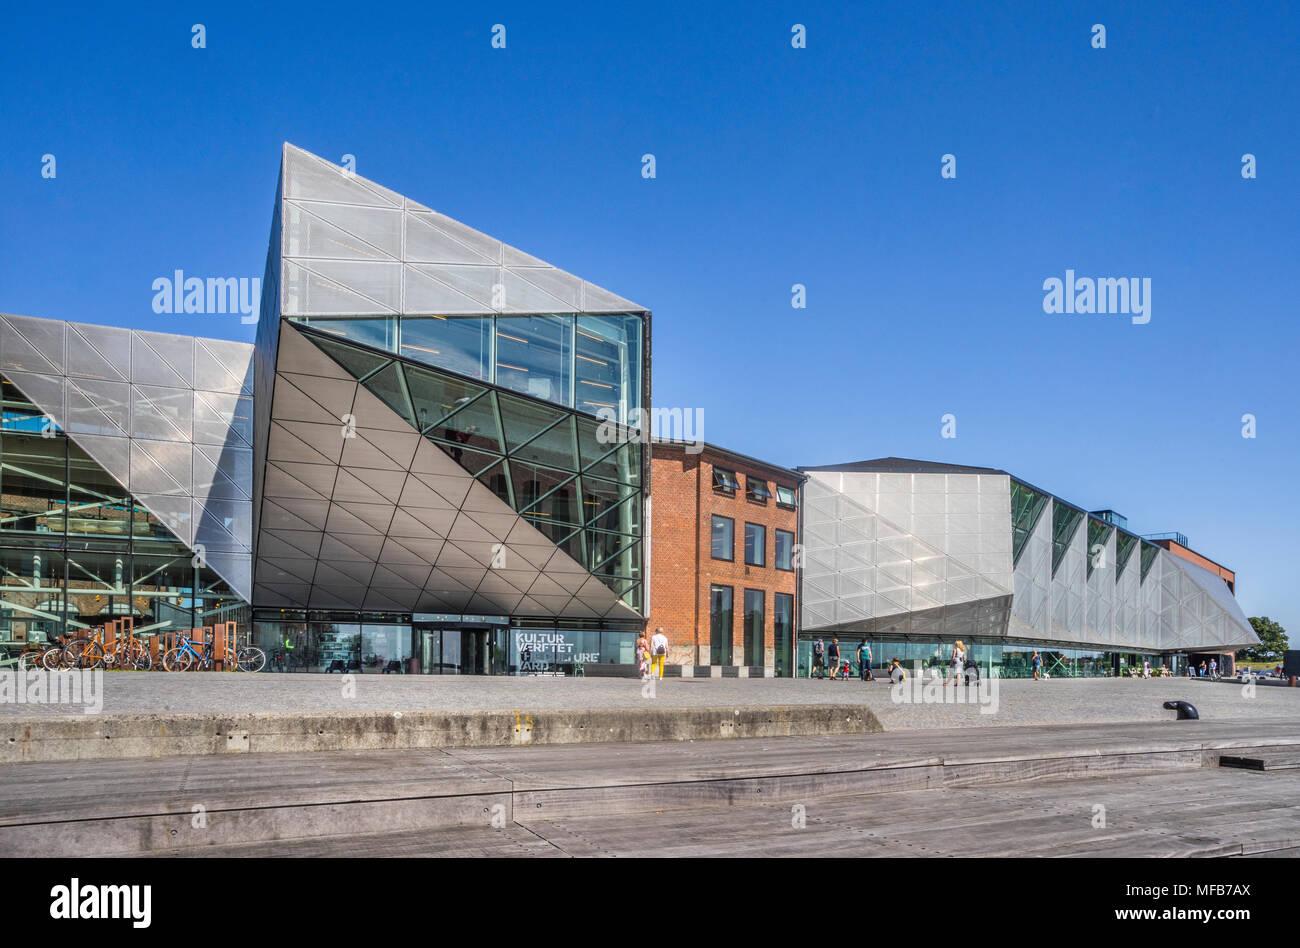 view of Kulturværftet, former Helsingør Værft and cultural centre at the Culture Harbour Kronborg, Helsingor, Zealand, Denmark - Stock Image